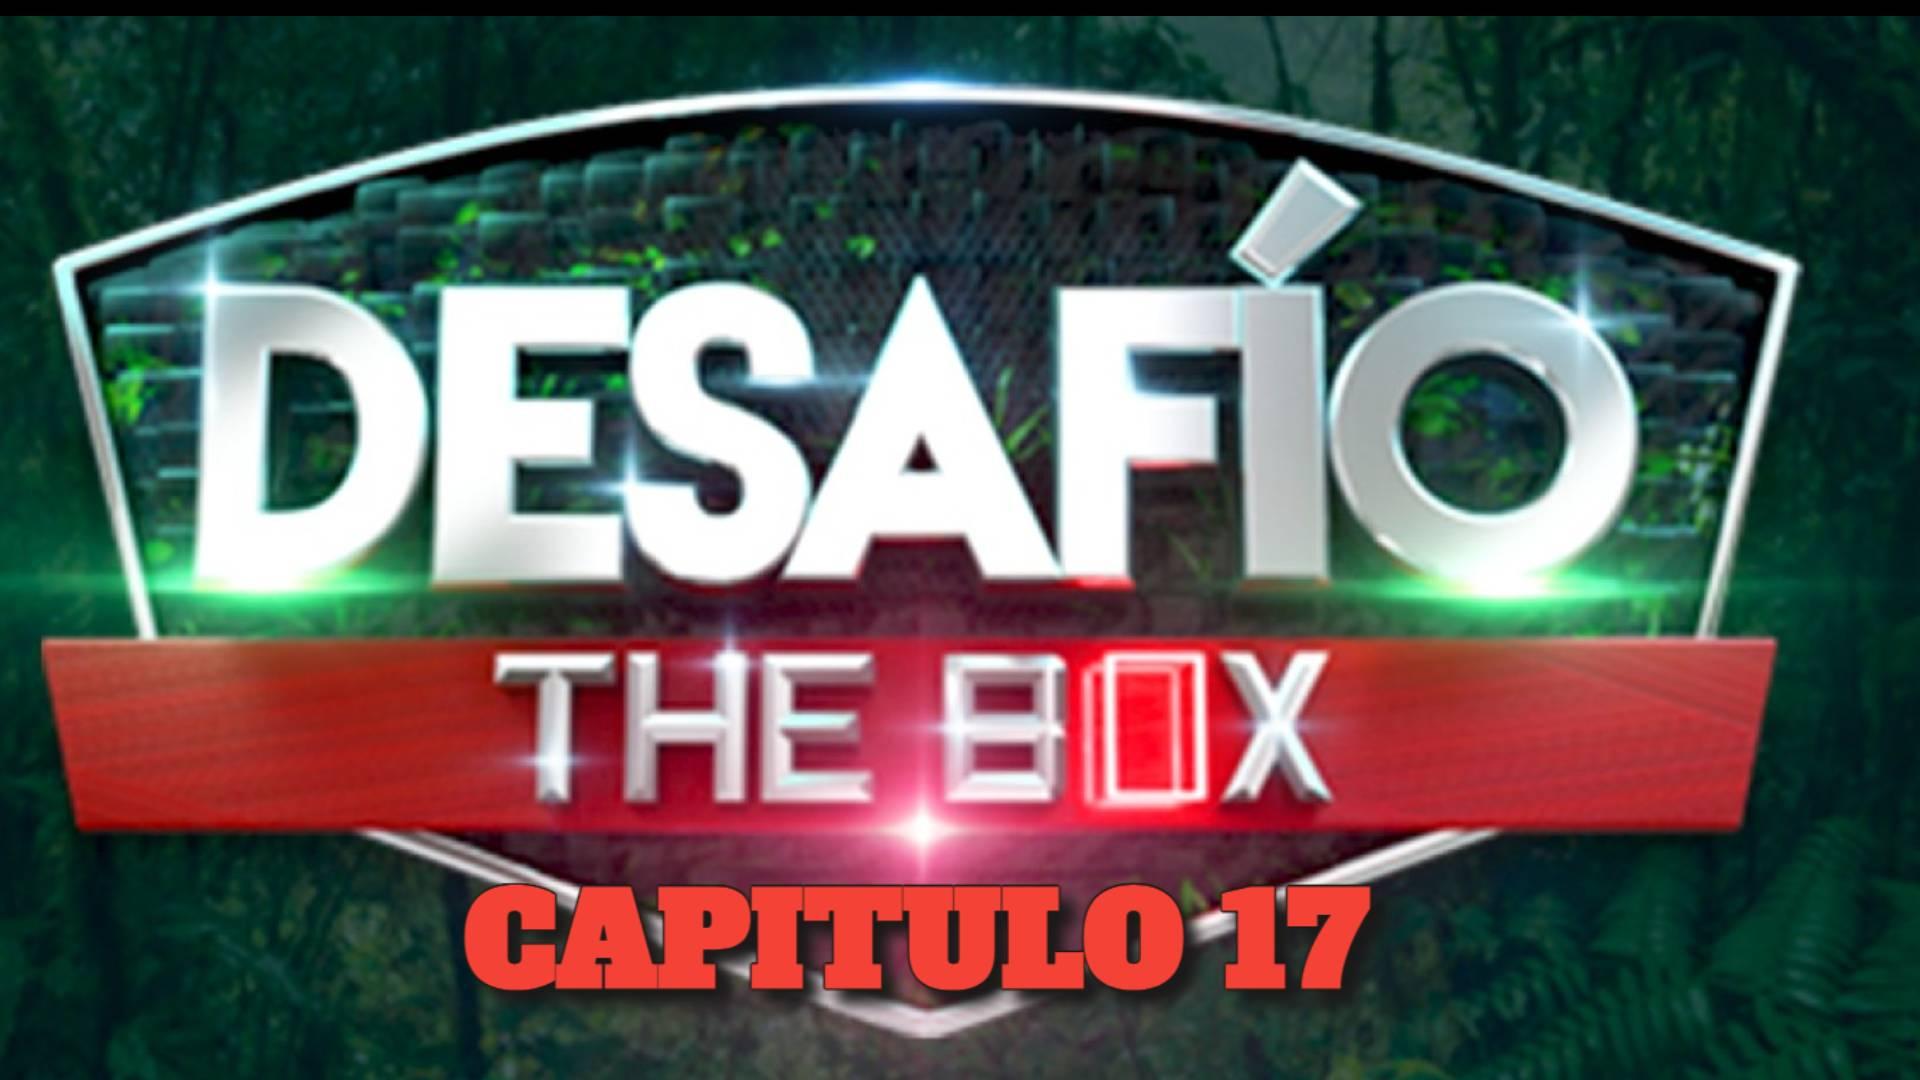 Desafio The Box 2021 CAPITULO 17